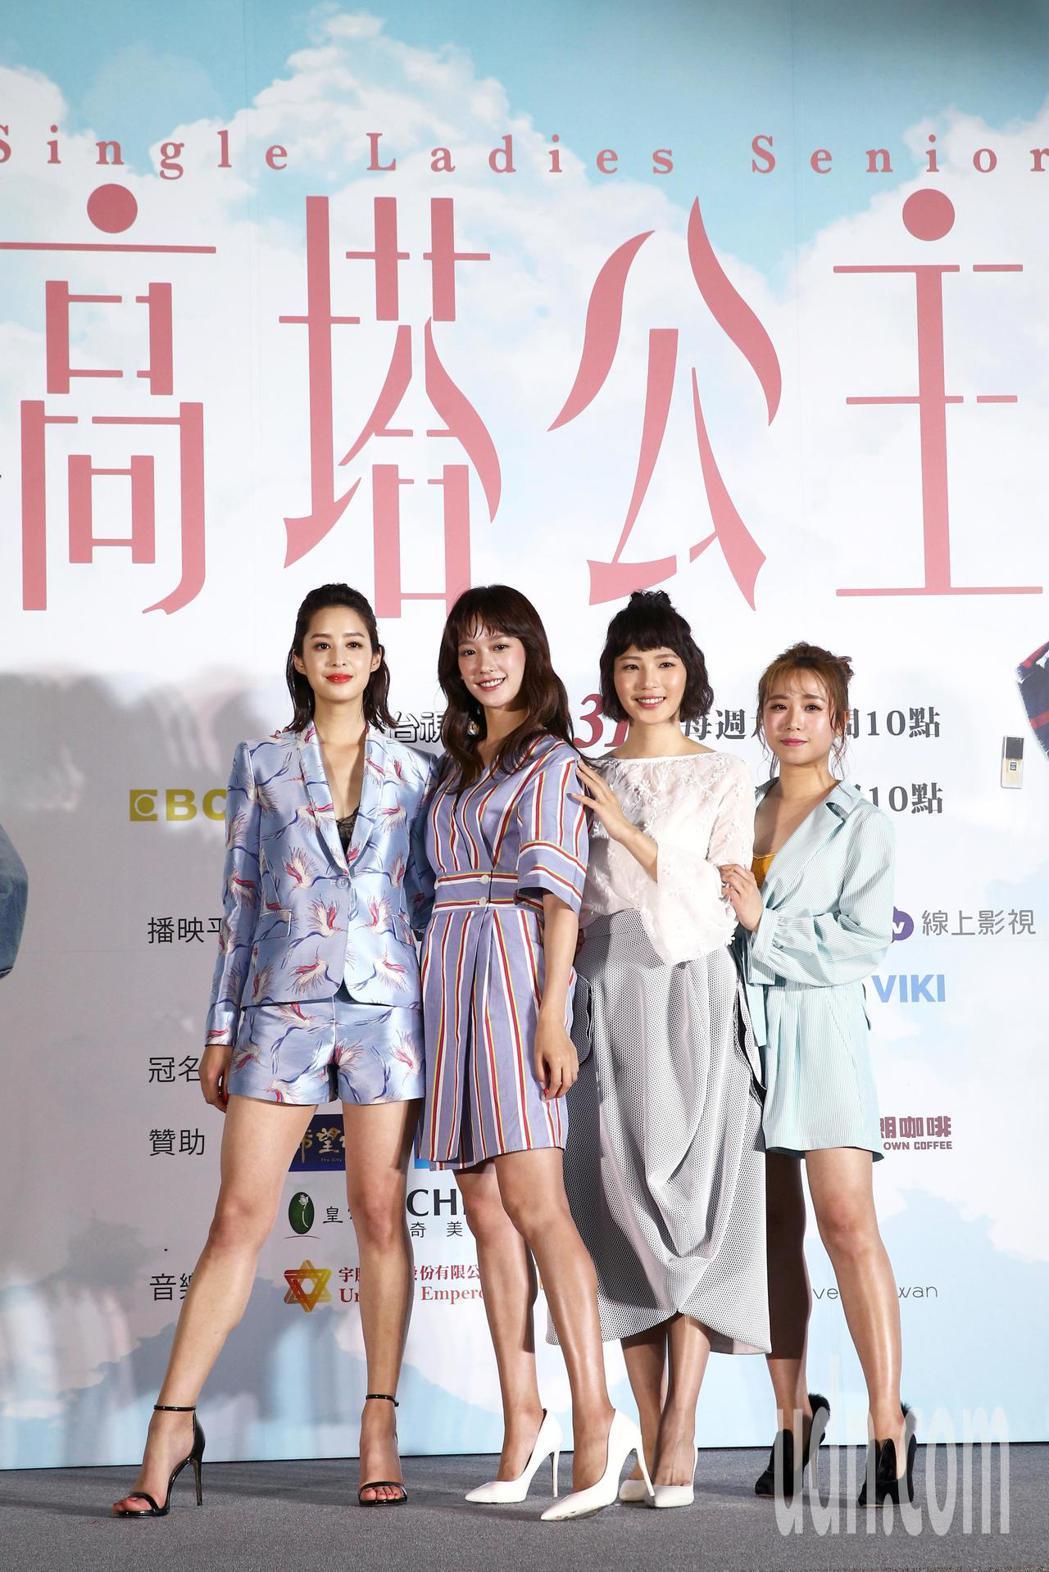 莫允雯(左起)、孟耿如、鄭茵聲與王牧語等演員下午出席高塔公主試片會,大家分享拍片...